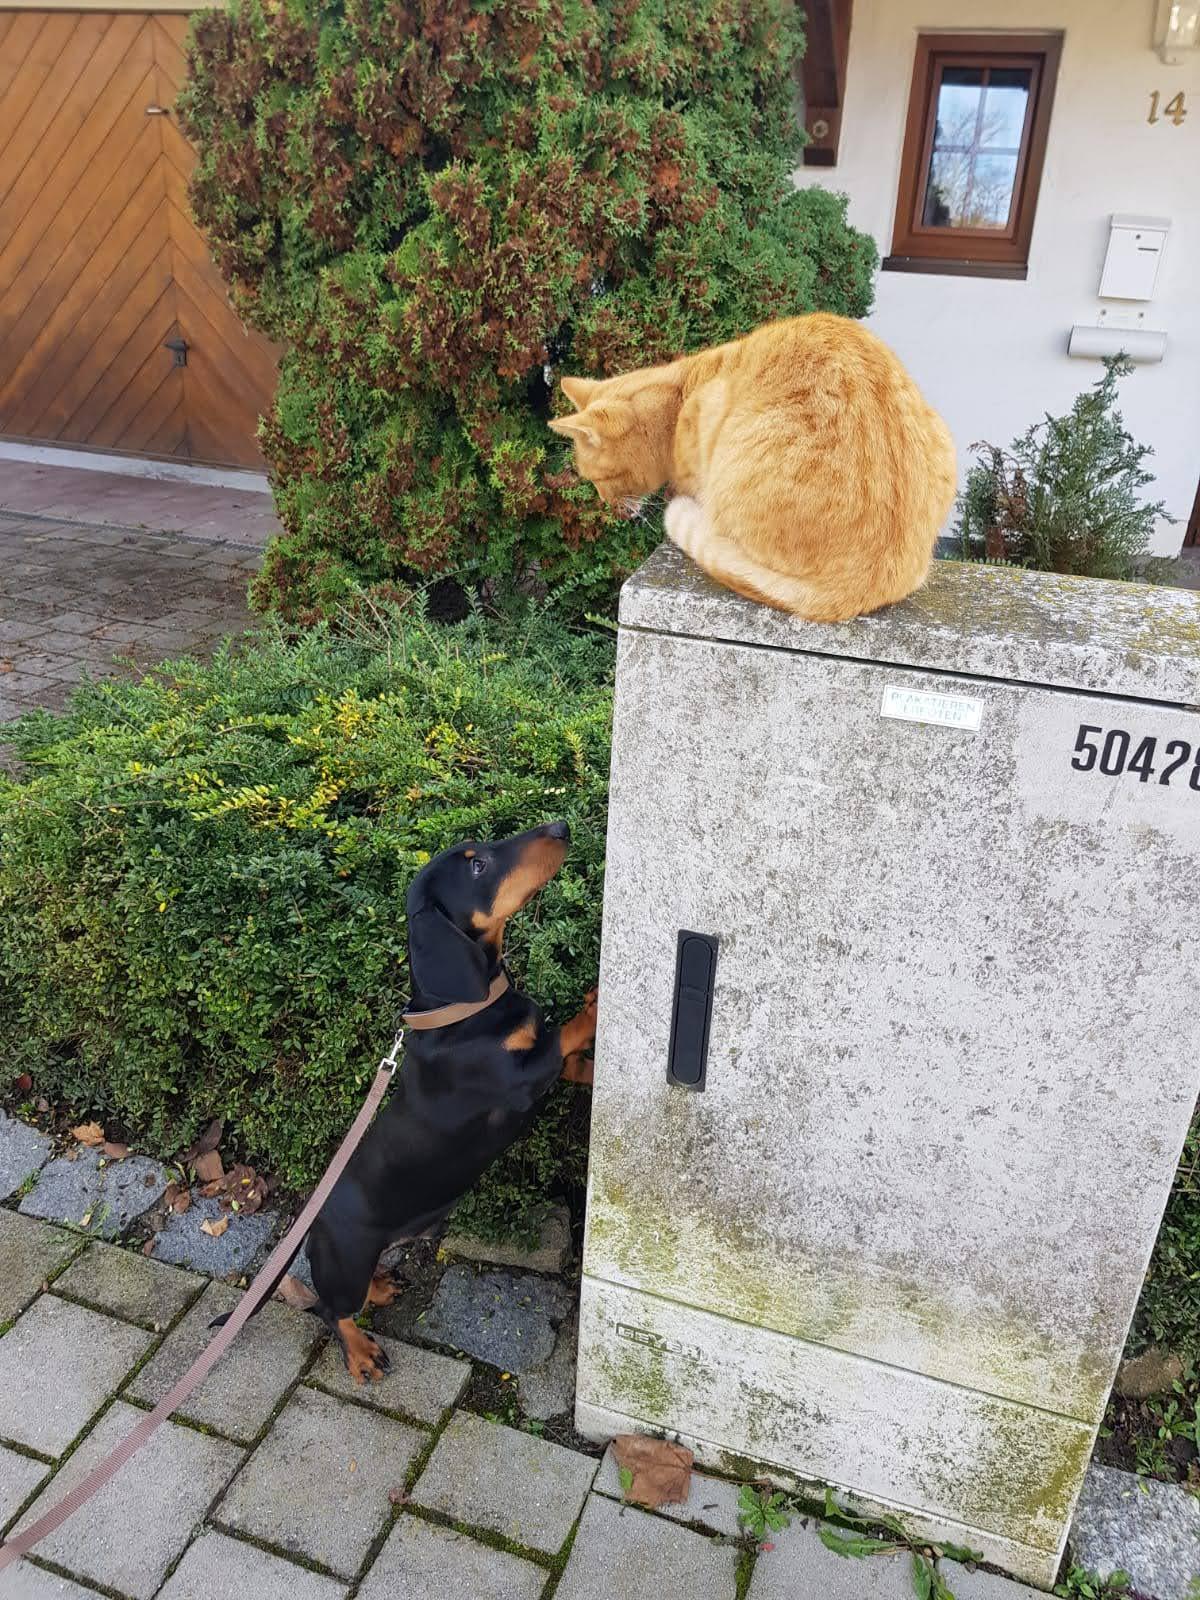 Bubi hätte nur zu gerne die Katze erreicht